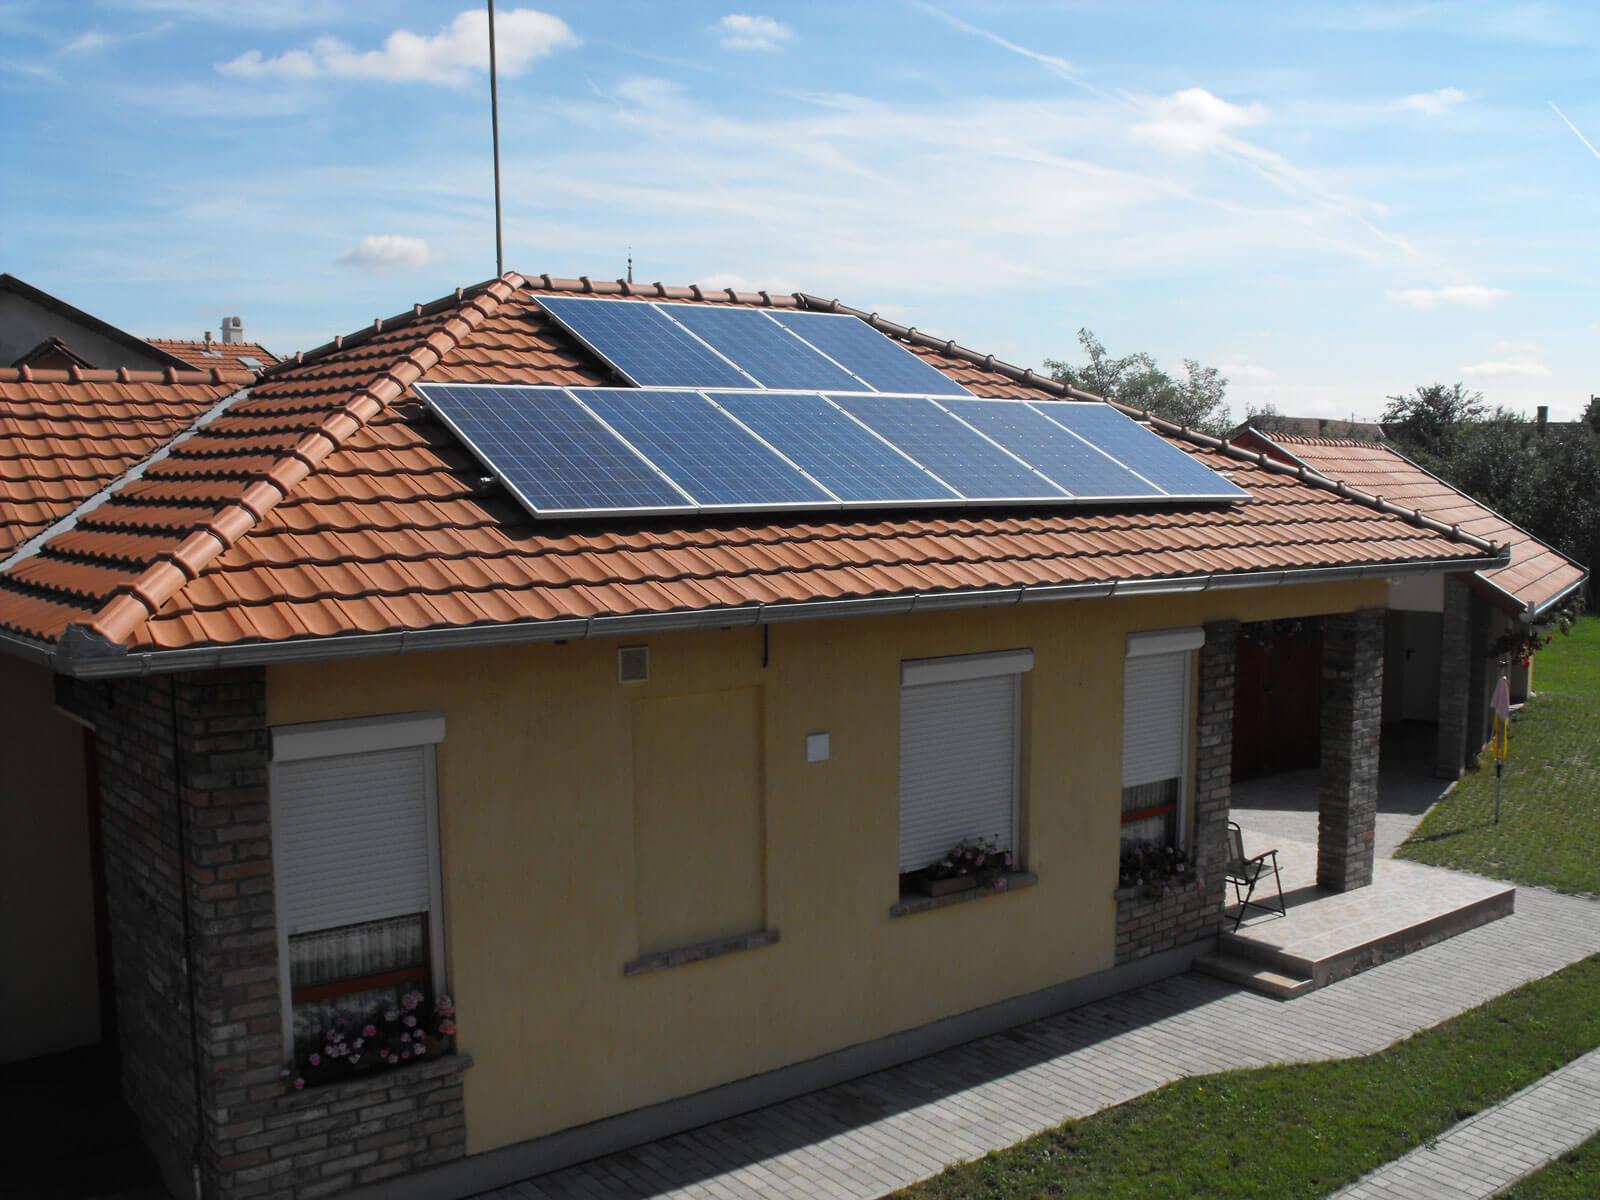 Kecskemét napelem rendszer forgalmazó cég, Bécs-Kiskun megye napelem kivitelező cég